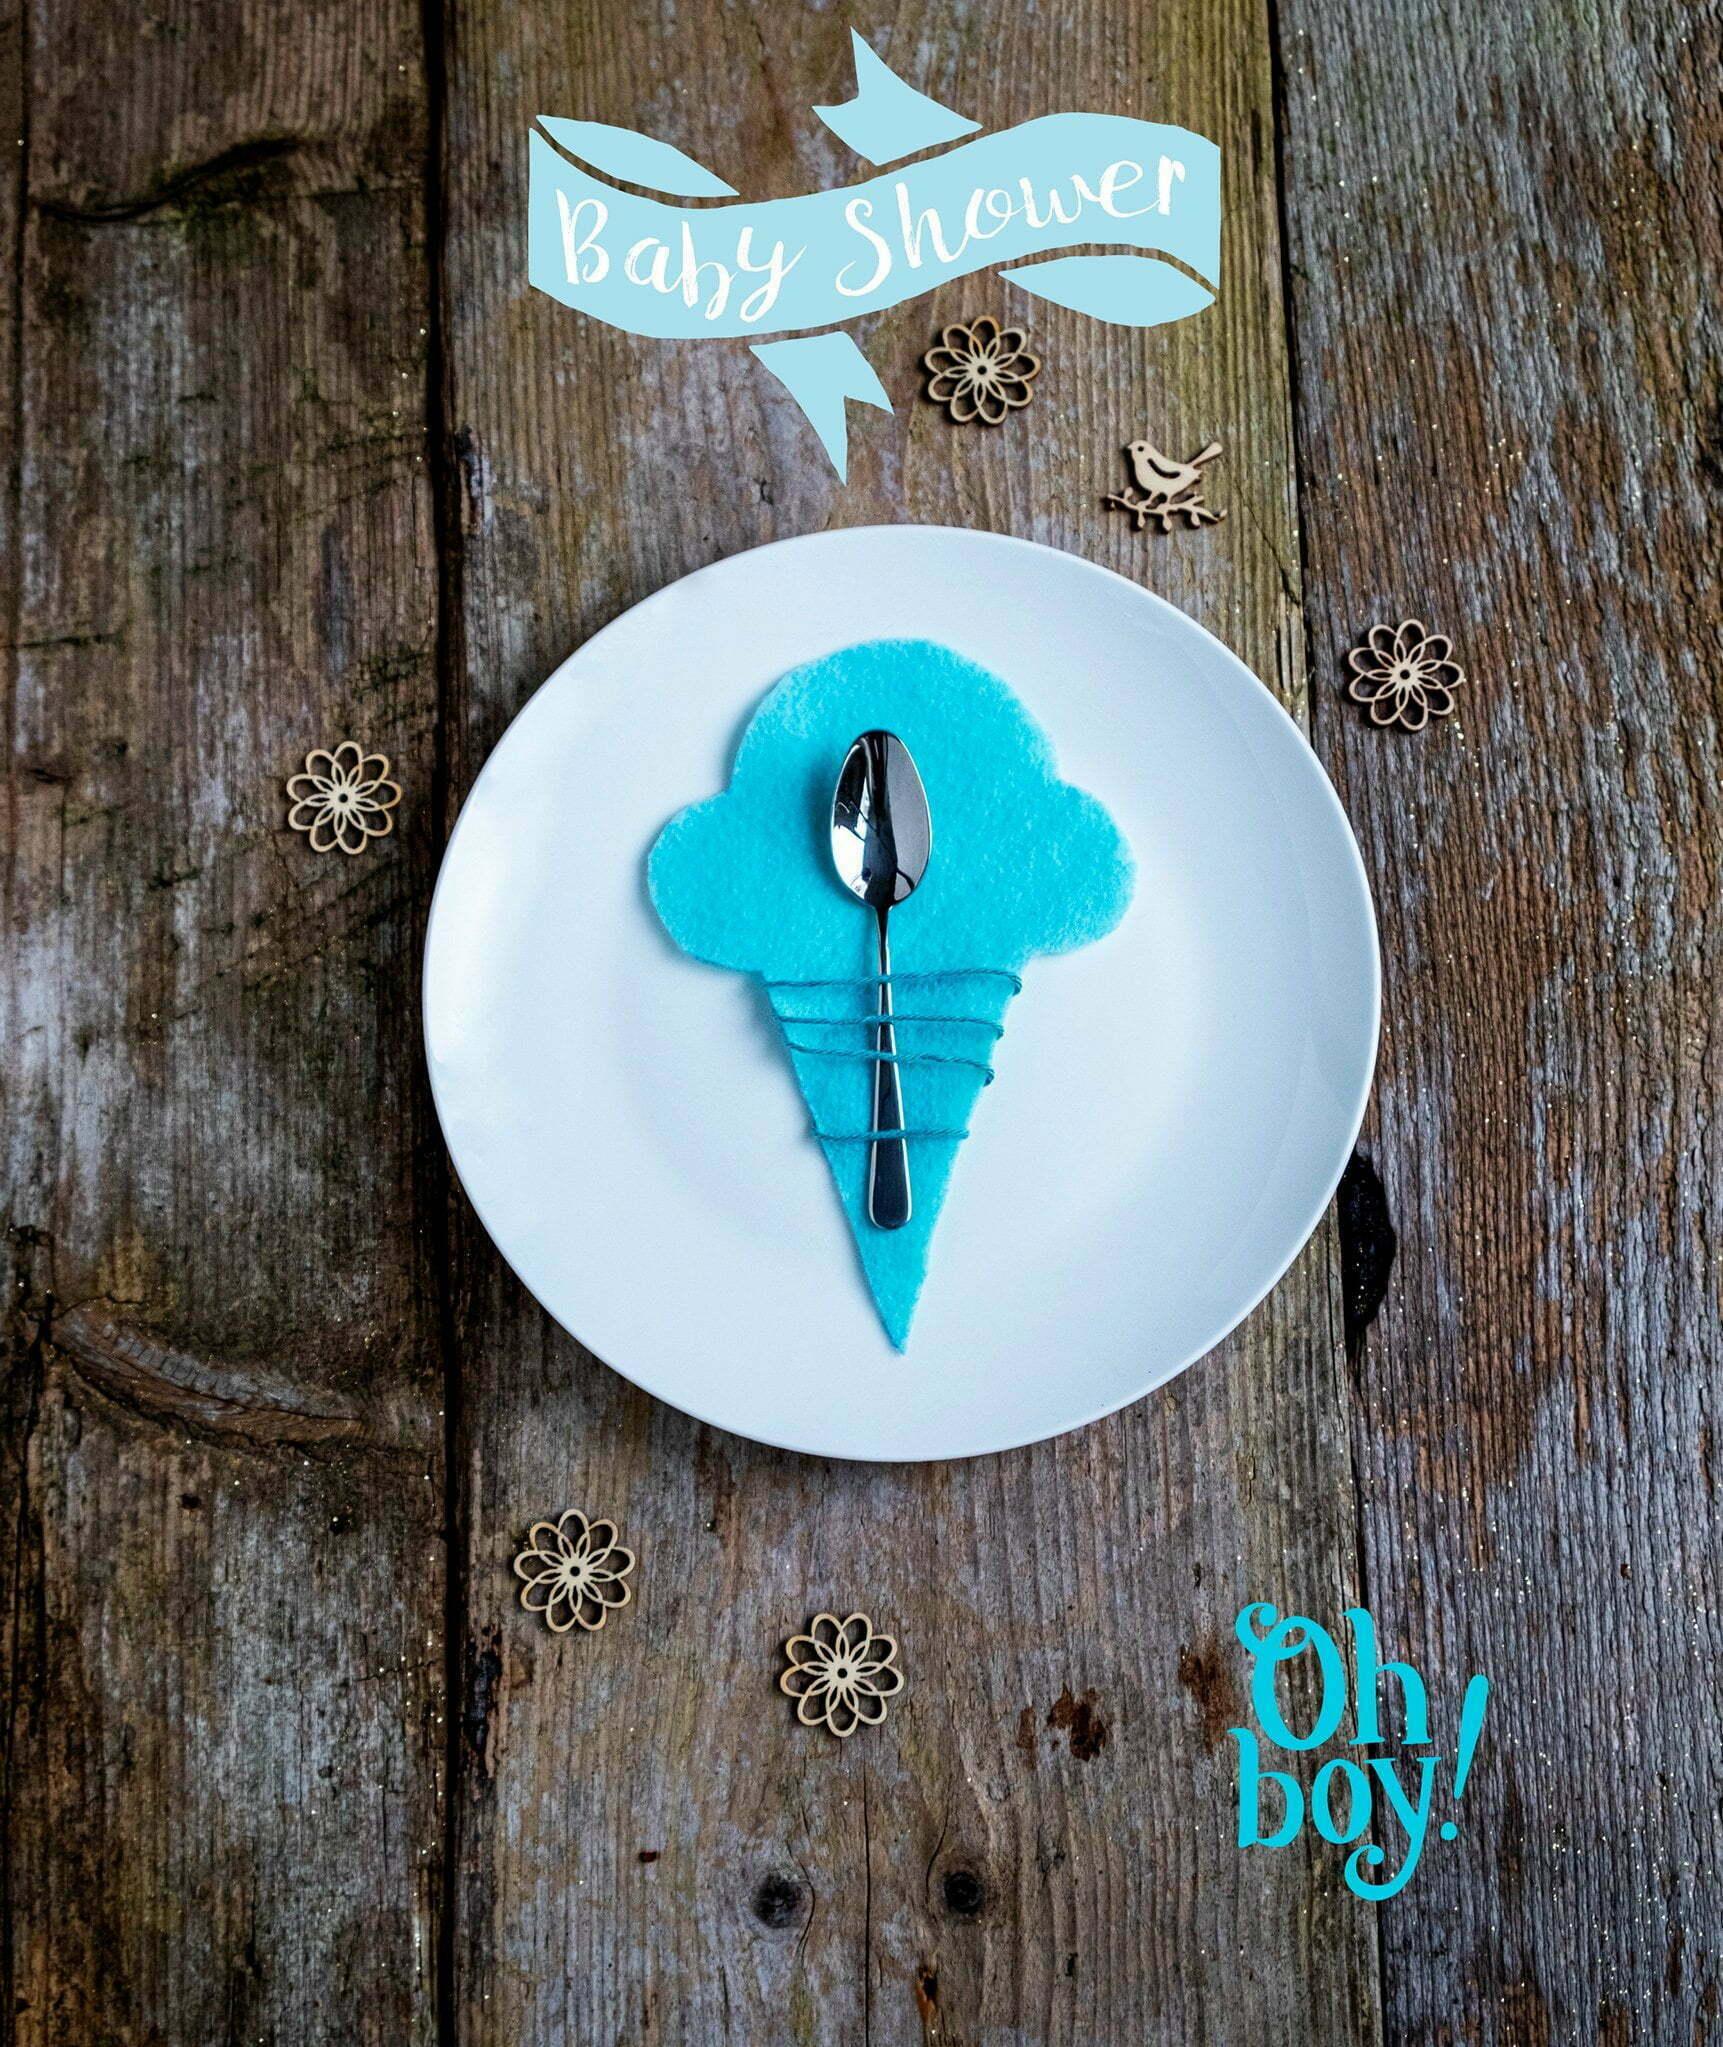 elsarblog oh boy Babyshower ijs decoratie om zelf te maken